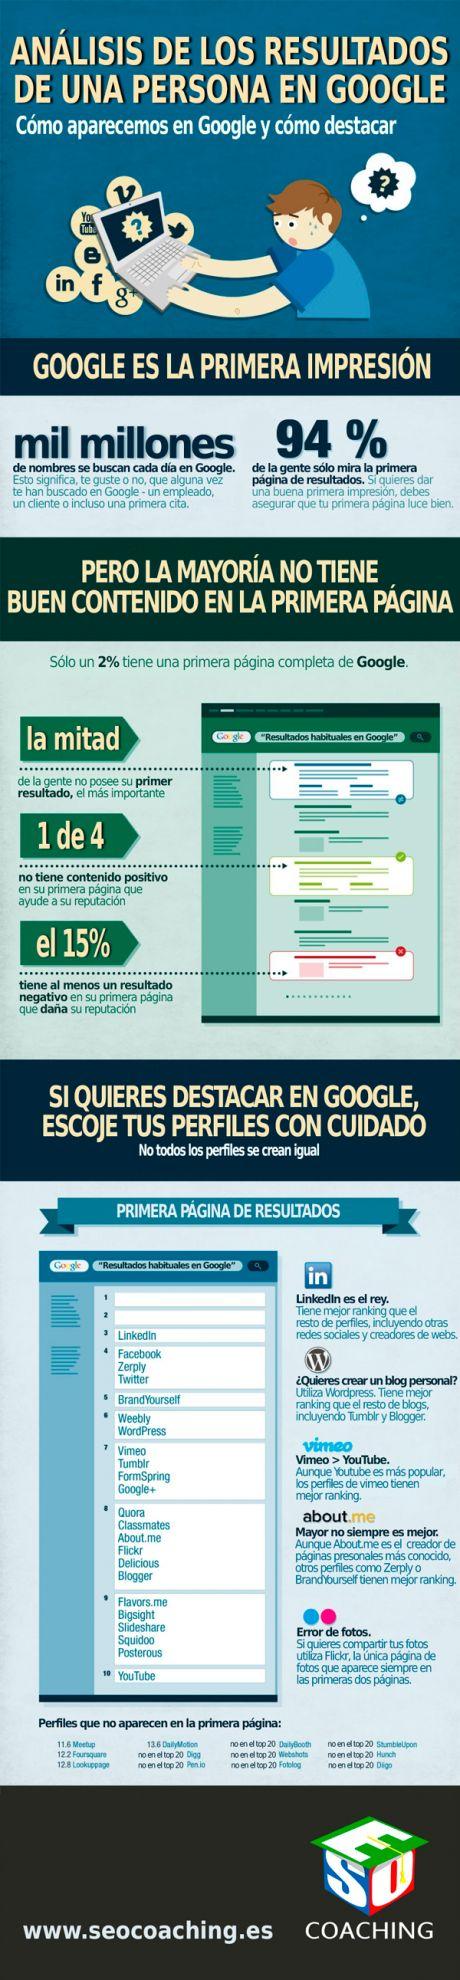 Tu #reputaciononline depende de como manejes el #SEO en tus perfiles públicos. #infografia